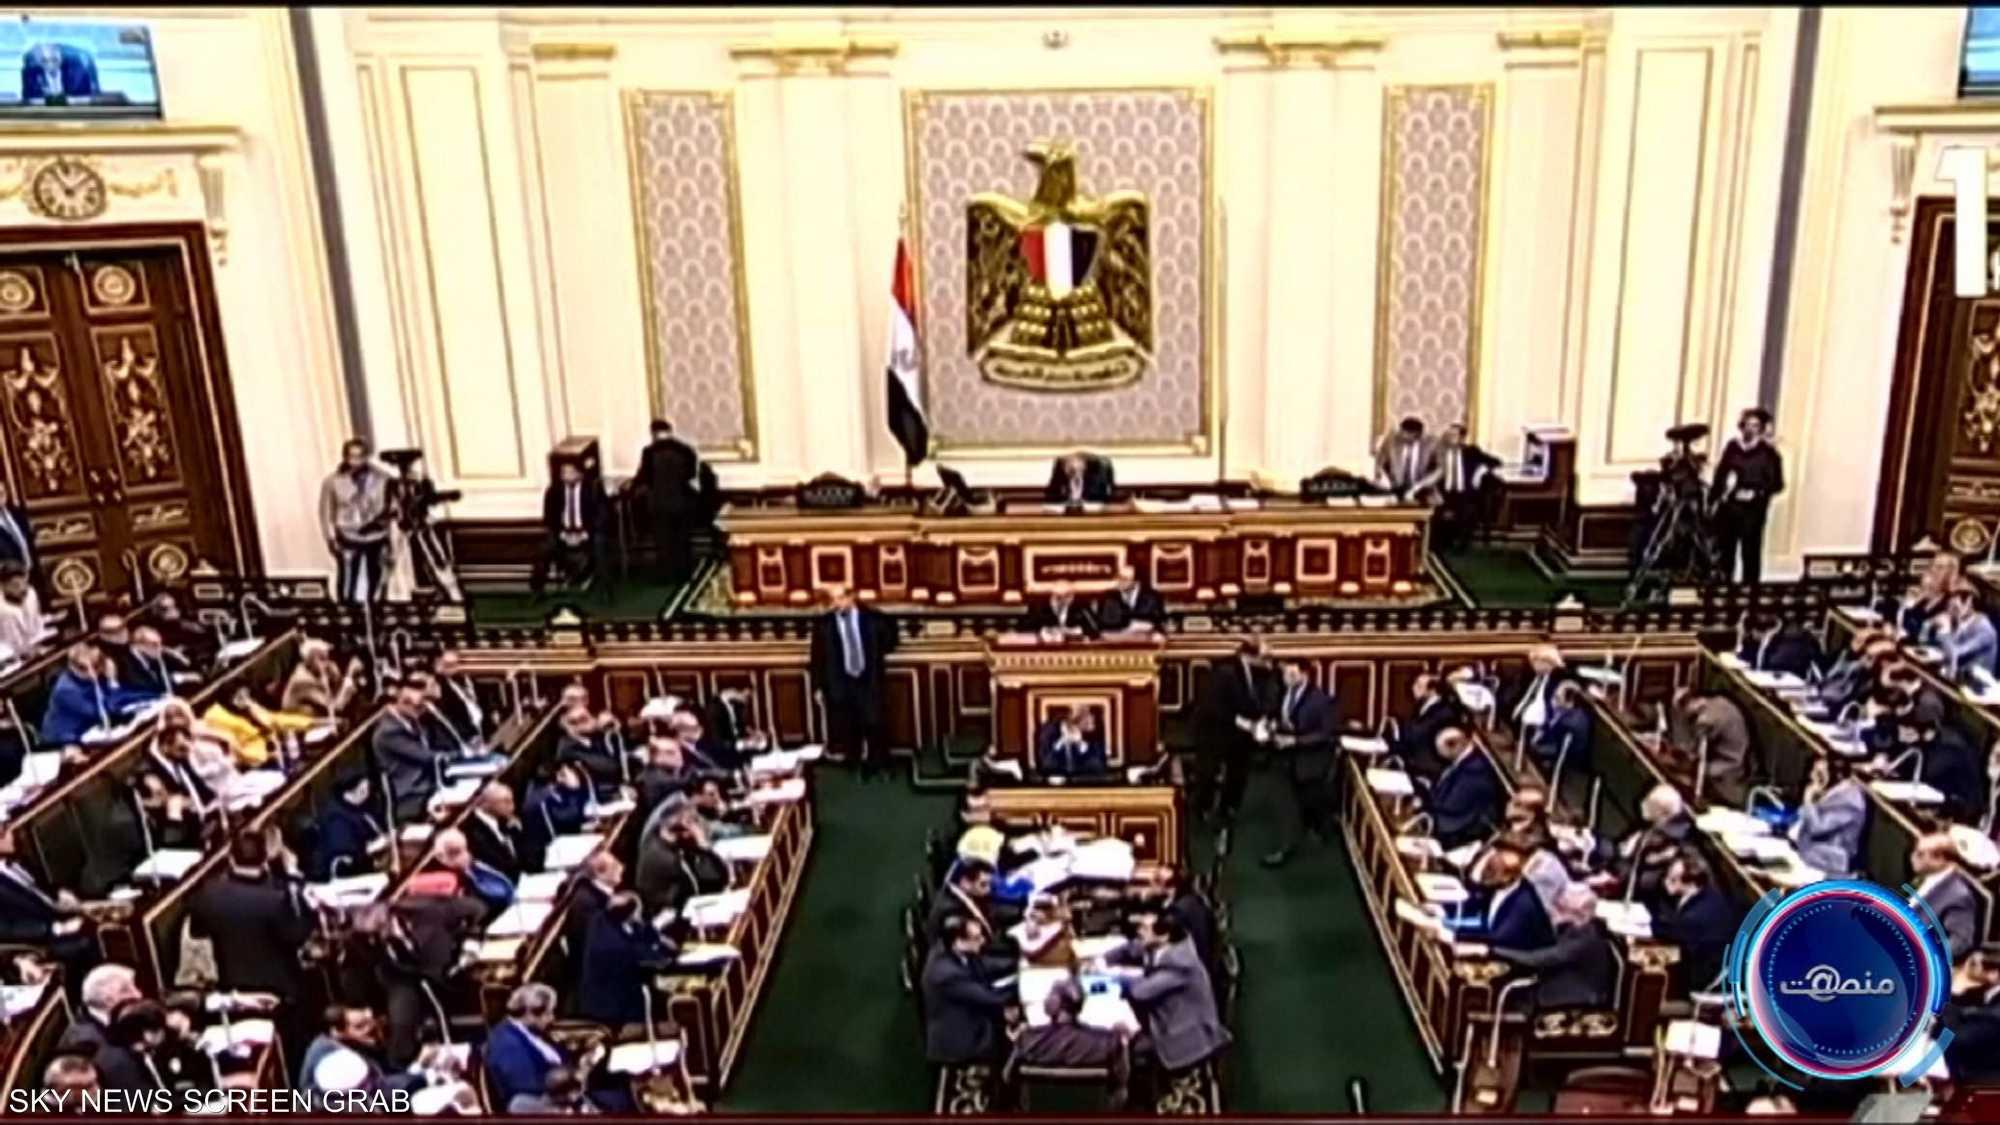 البرلمان المصري يوافق على إرسال قوات الجيش خارج البلاد